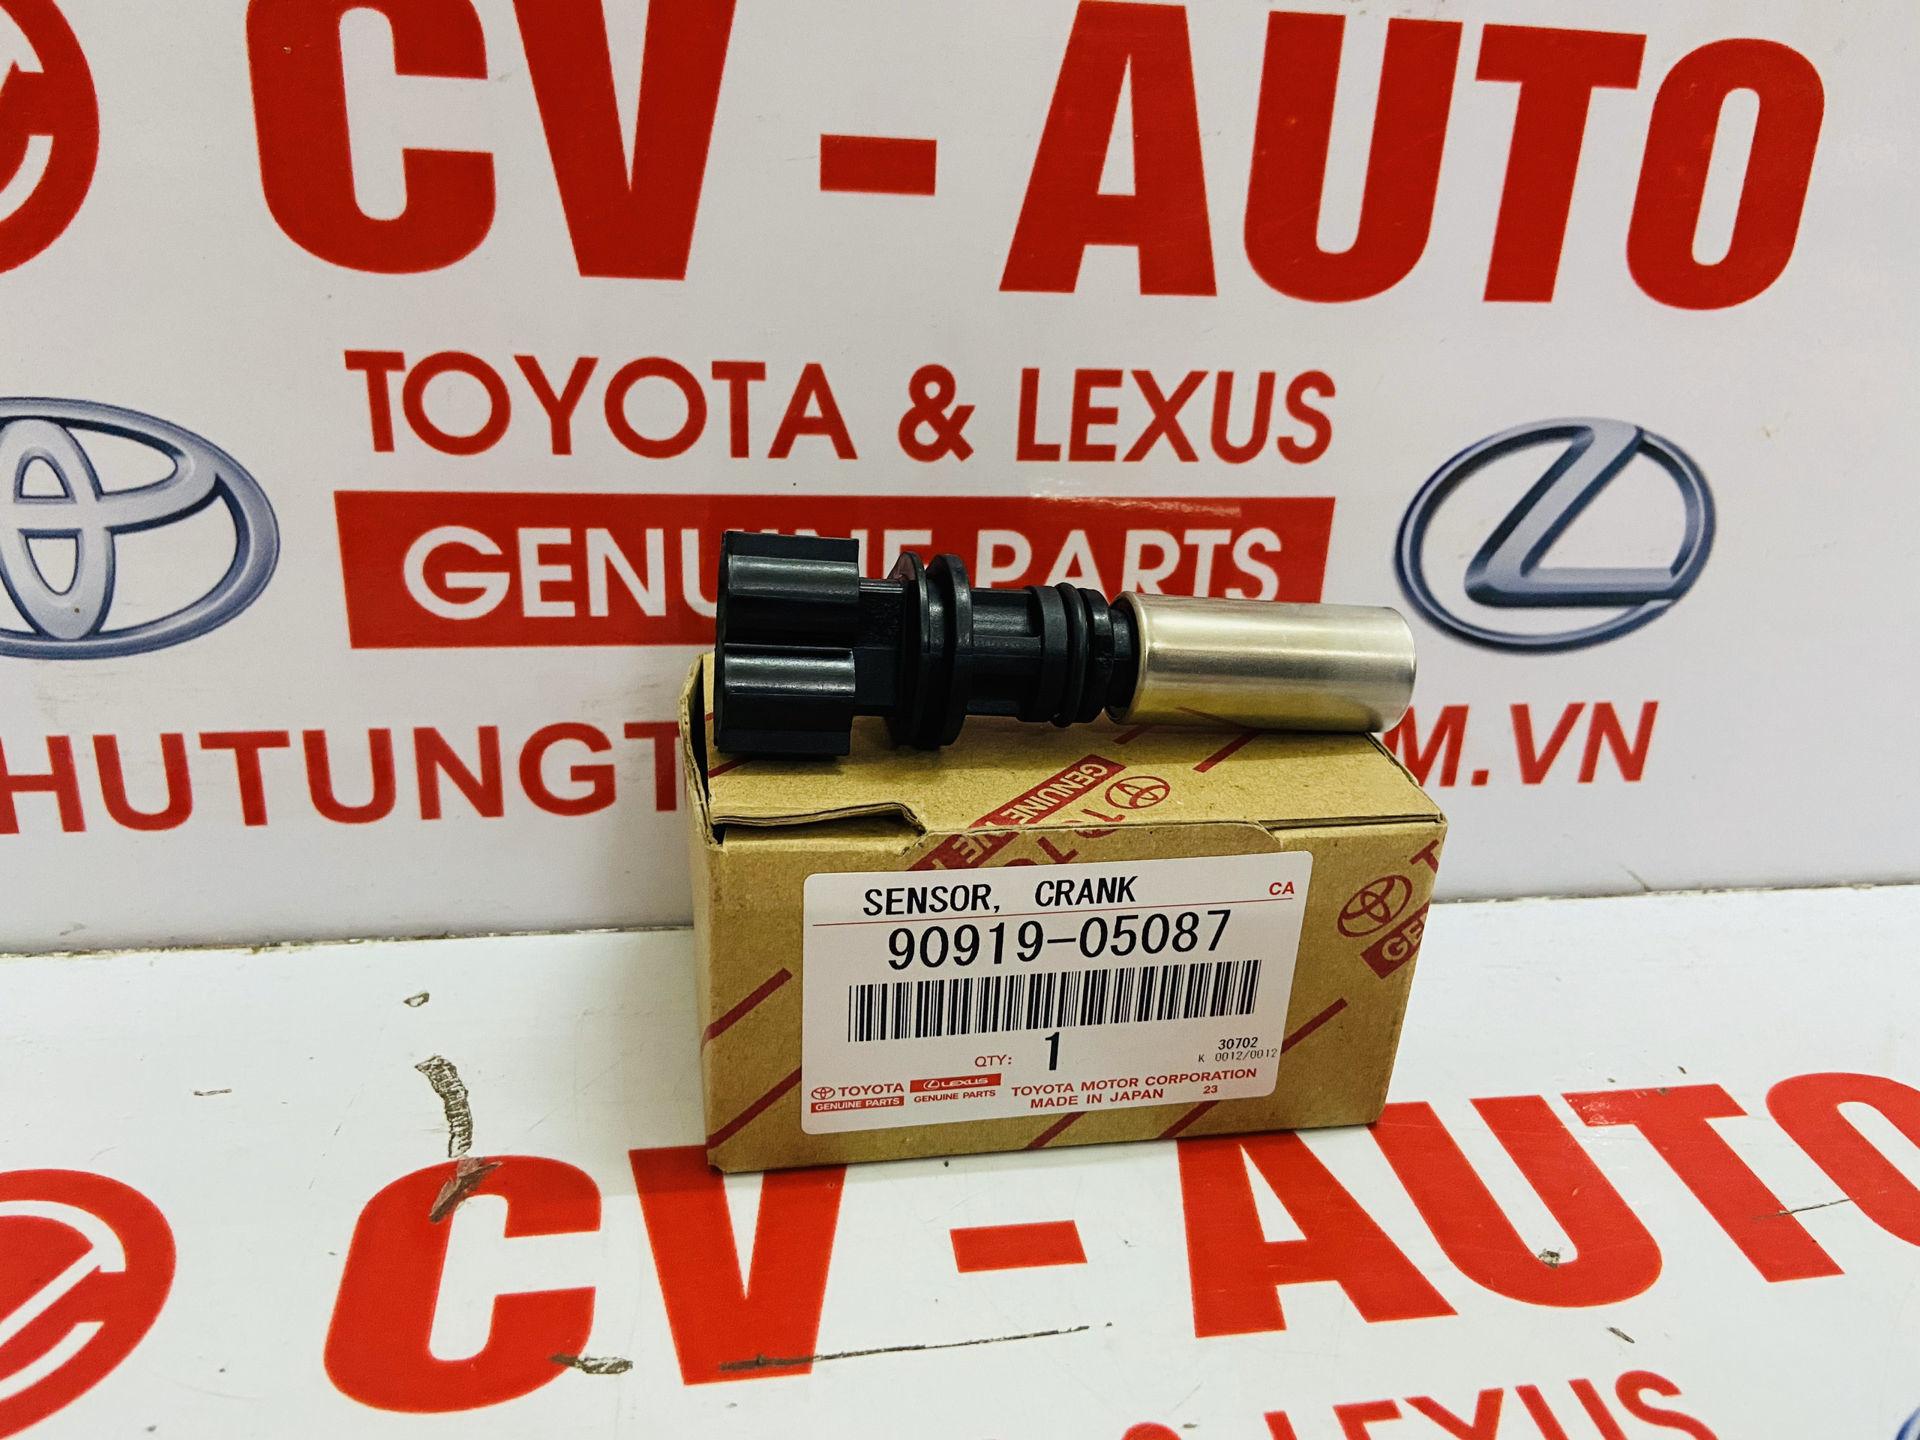 Picture of 90919-05087, 9091905087 Cảm biến vị trí trục cơ Toyota Vios, Yaris chính hãng